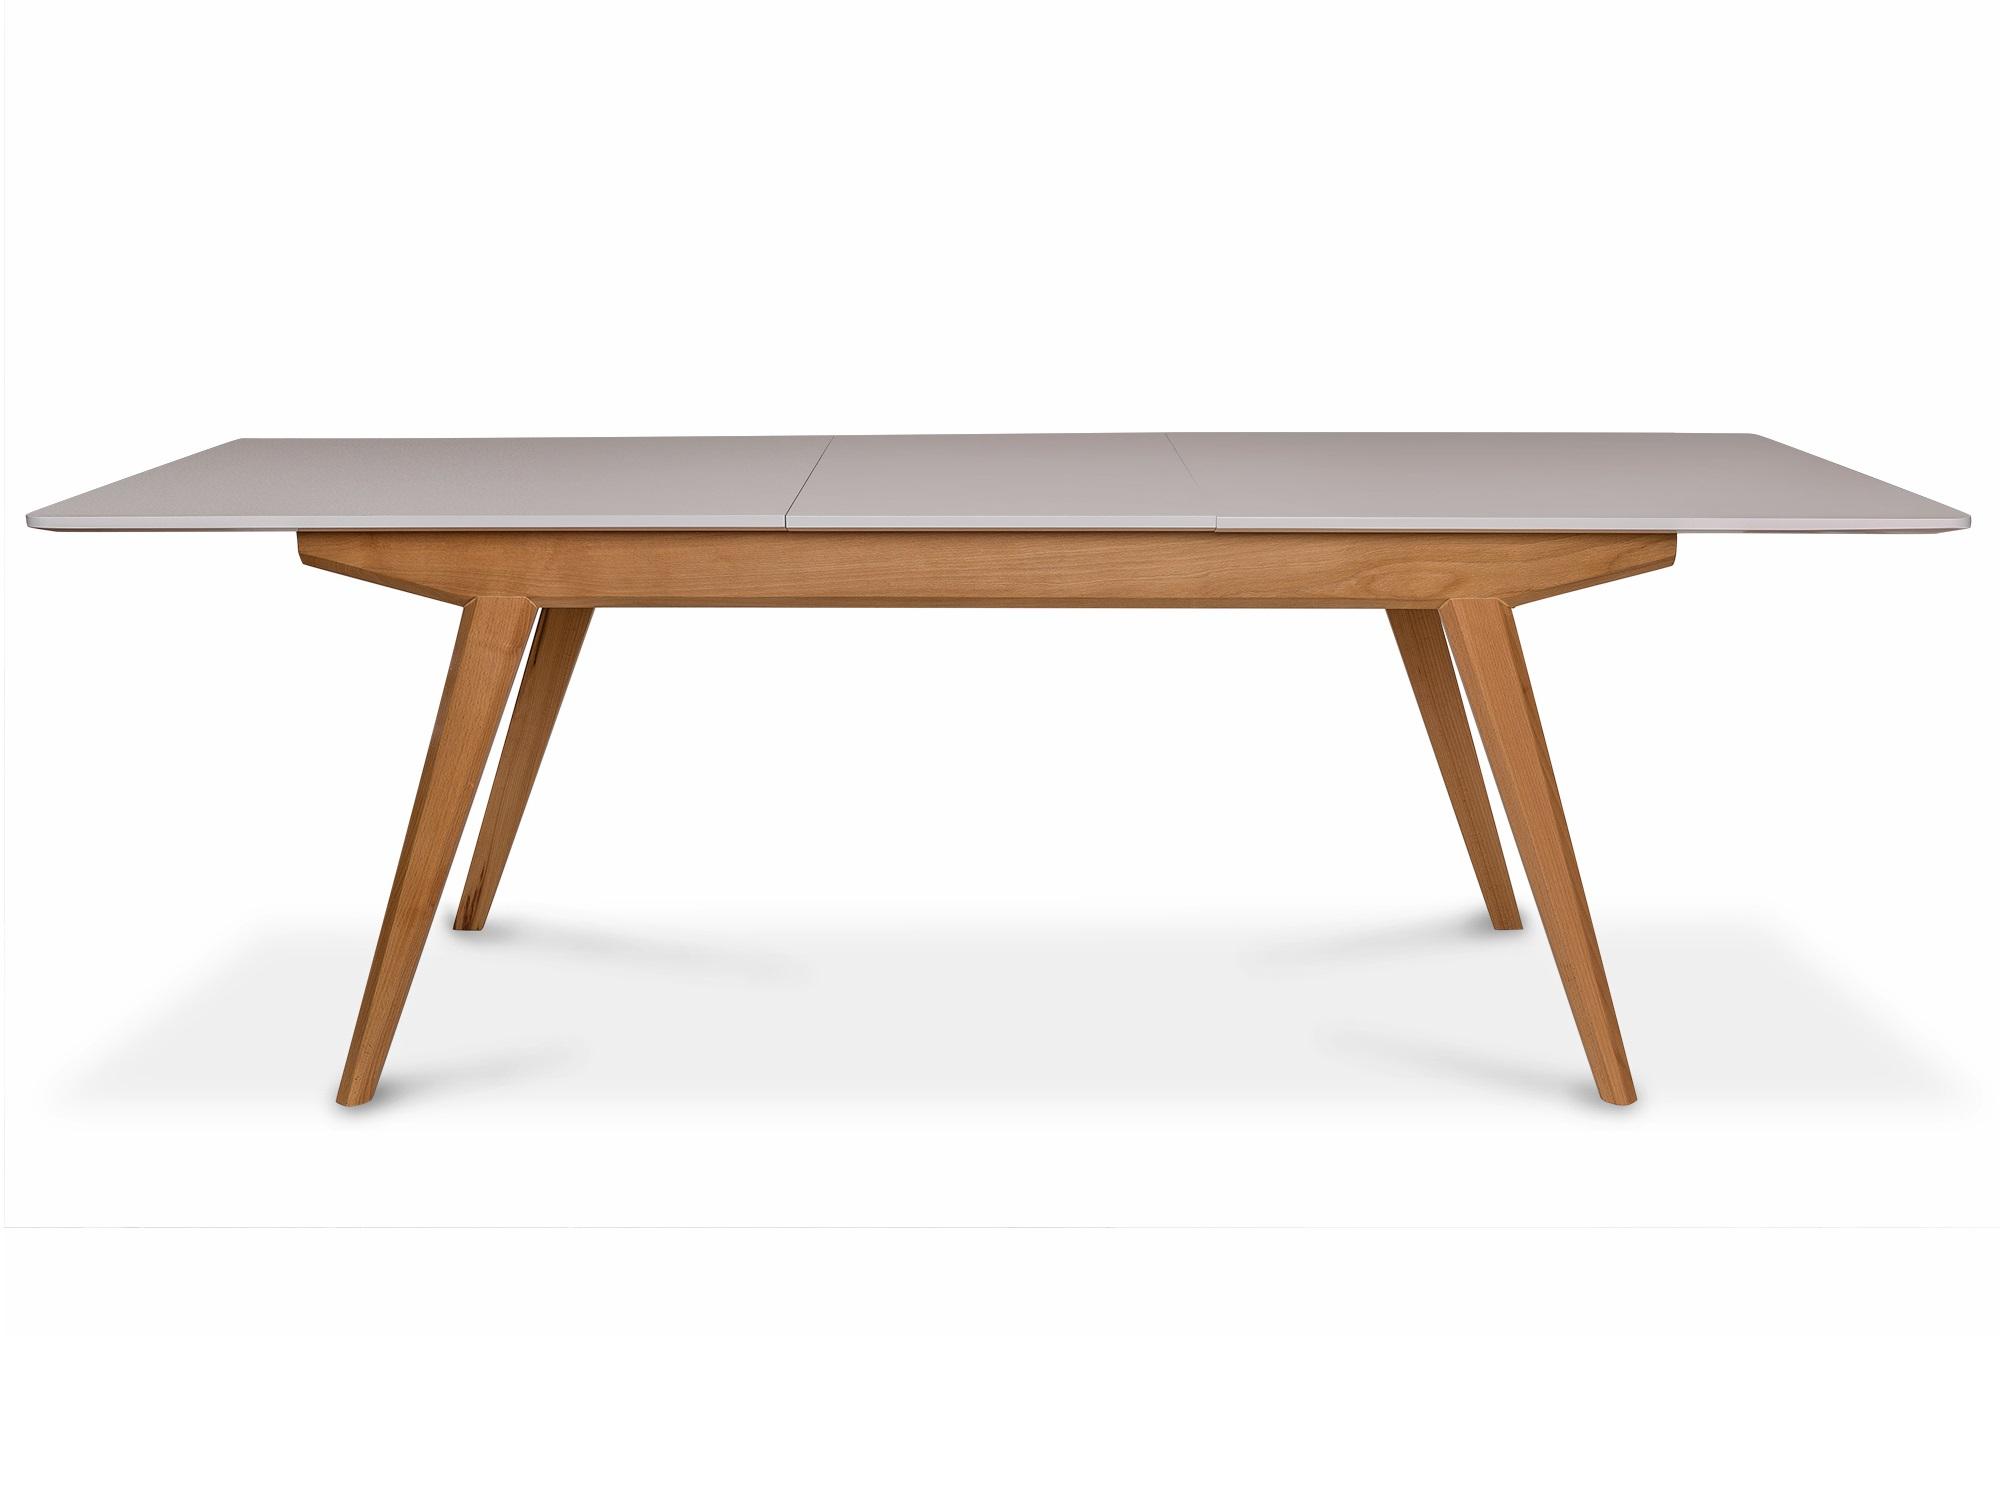 Обеденный стол AveiroОбеденные столы<br>&amp;lt;div&amp;gt;Лишенный простоты стол &amp;quot;Aveiro&amp;quot; изготовлен специально для любителей Сканди стиля. С трепетом относясь к классике 50-ых годов, мы добавили к современной столешнице легко узнаваемые изогнутые ножки.&amp;amp;nbsp;&amp;lt;/div&amp;gt;&amp;lt;div&amp;gt;А если вам вдруг понадобится организовать еще несколько мест за столом, то не беда! Стол раскладывается всего в пару движений.&amp;lt;/div&amp;gt;&amp;lt;span style=&amp;quot;font-size: 14px;&amp;quot;&amp;gt;&amp;lt;div&amp;gt;&amp;lt;span style=&amp;quot;font-size: 14px;&amp;quot;&amp;gt;&amp;lt;br&amp;gt;&amp;lt;/span&amp;gt;&amp;lt;/div&amp;gt;Минимальная ширина стола:&amp;amp;nbsp;180 см.&amp;lt;/span&amp;gt;&amp;lt;div style=&amp;quot;font-size: 14px;&amp;quot;&amp;gt;Максимальная ширина стола: 230 см.&amp;lt;/div&amp;gt;<br><br>Material: Бук<br>Ширина см: 180.0<br>Высота см: 75.0<br>Глубина см: 93.0